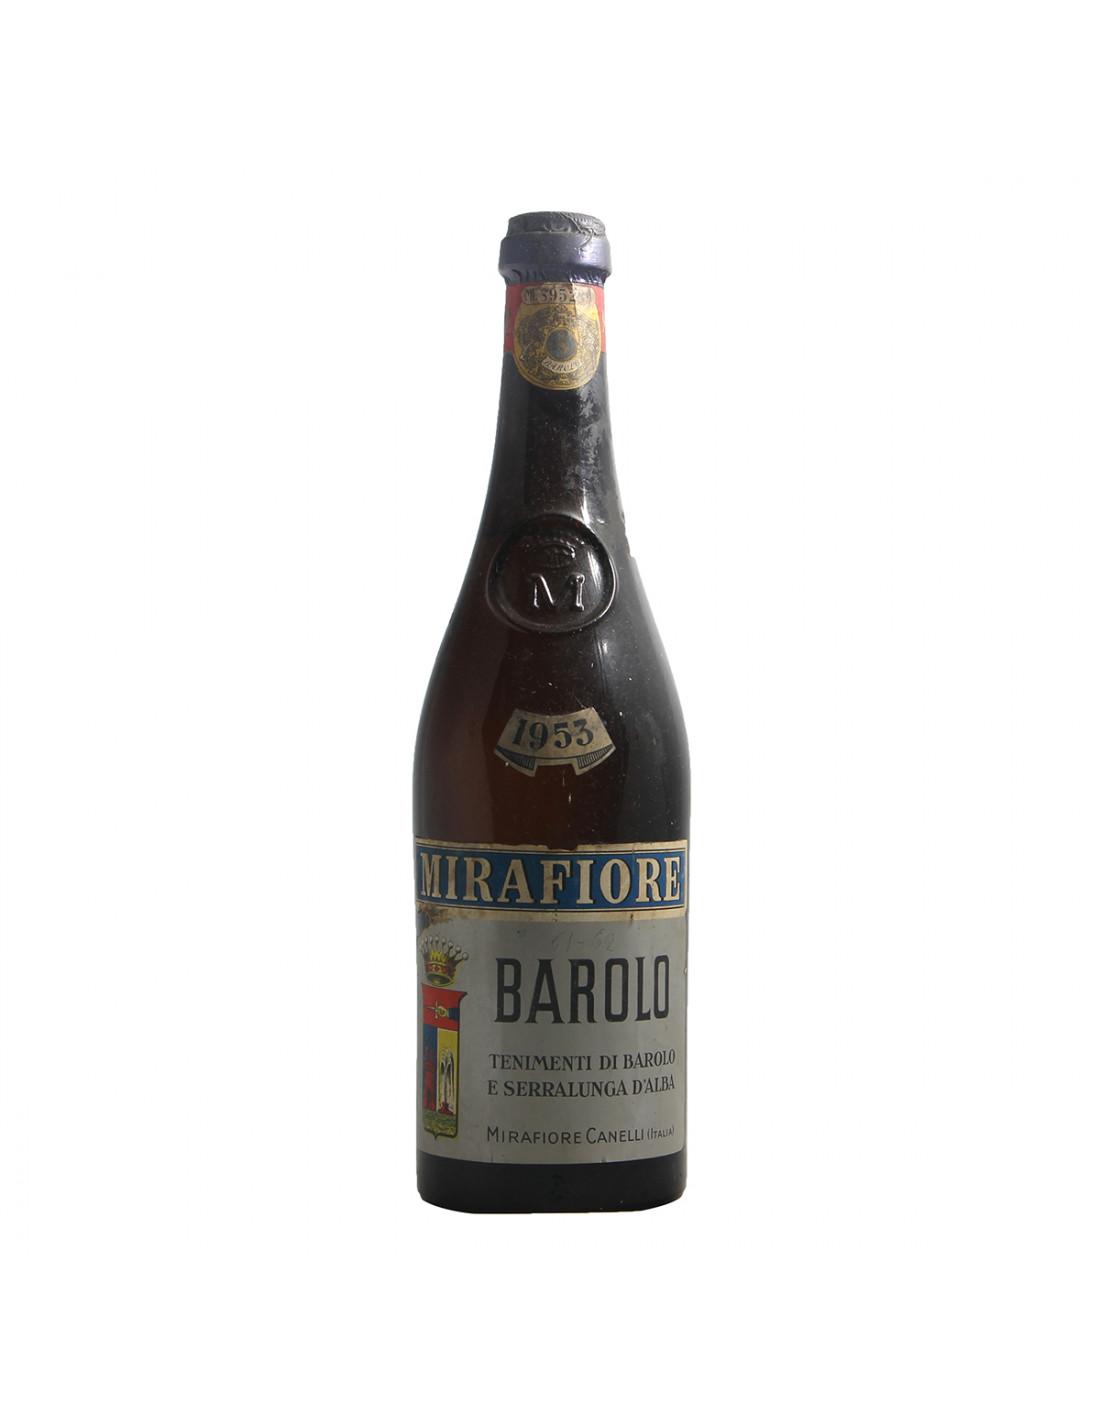 Mirafiore Barolo 1953 Low Level Grandi Bottiglie